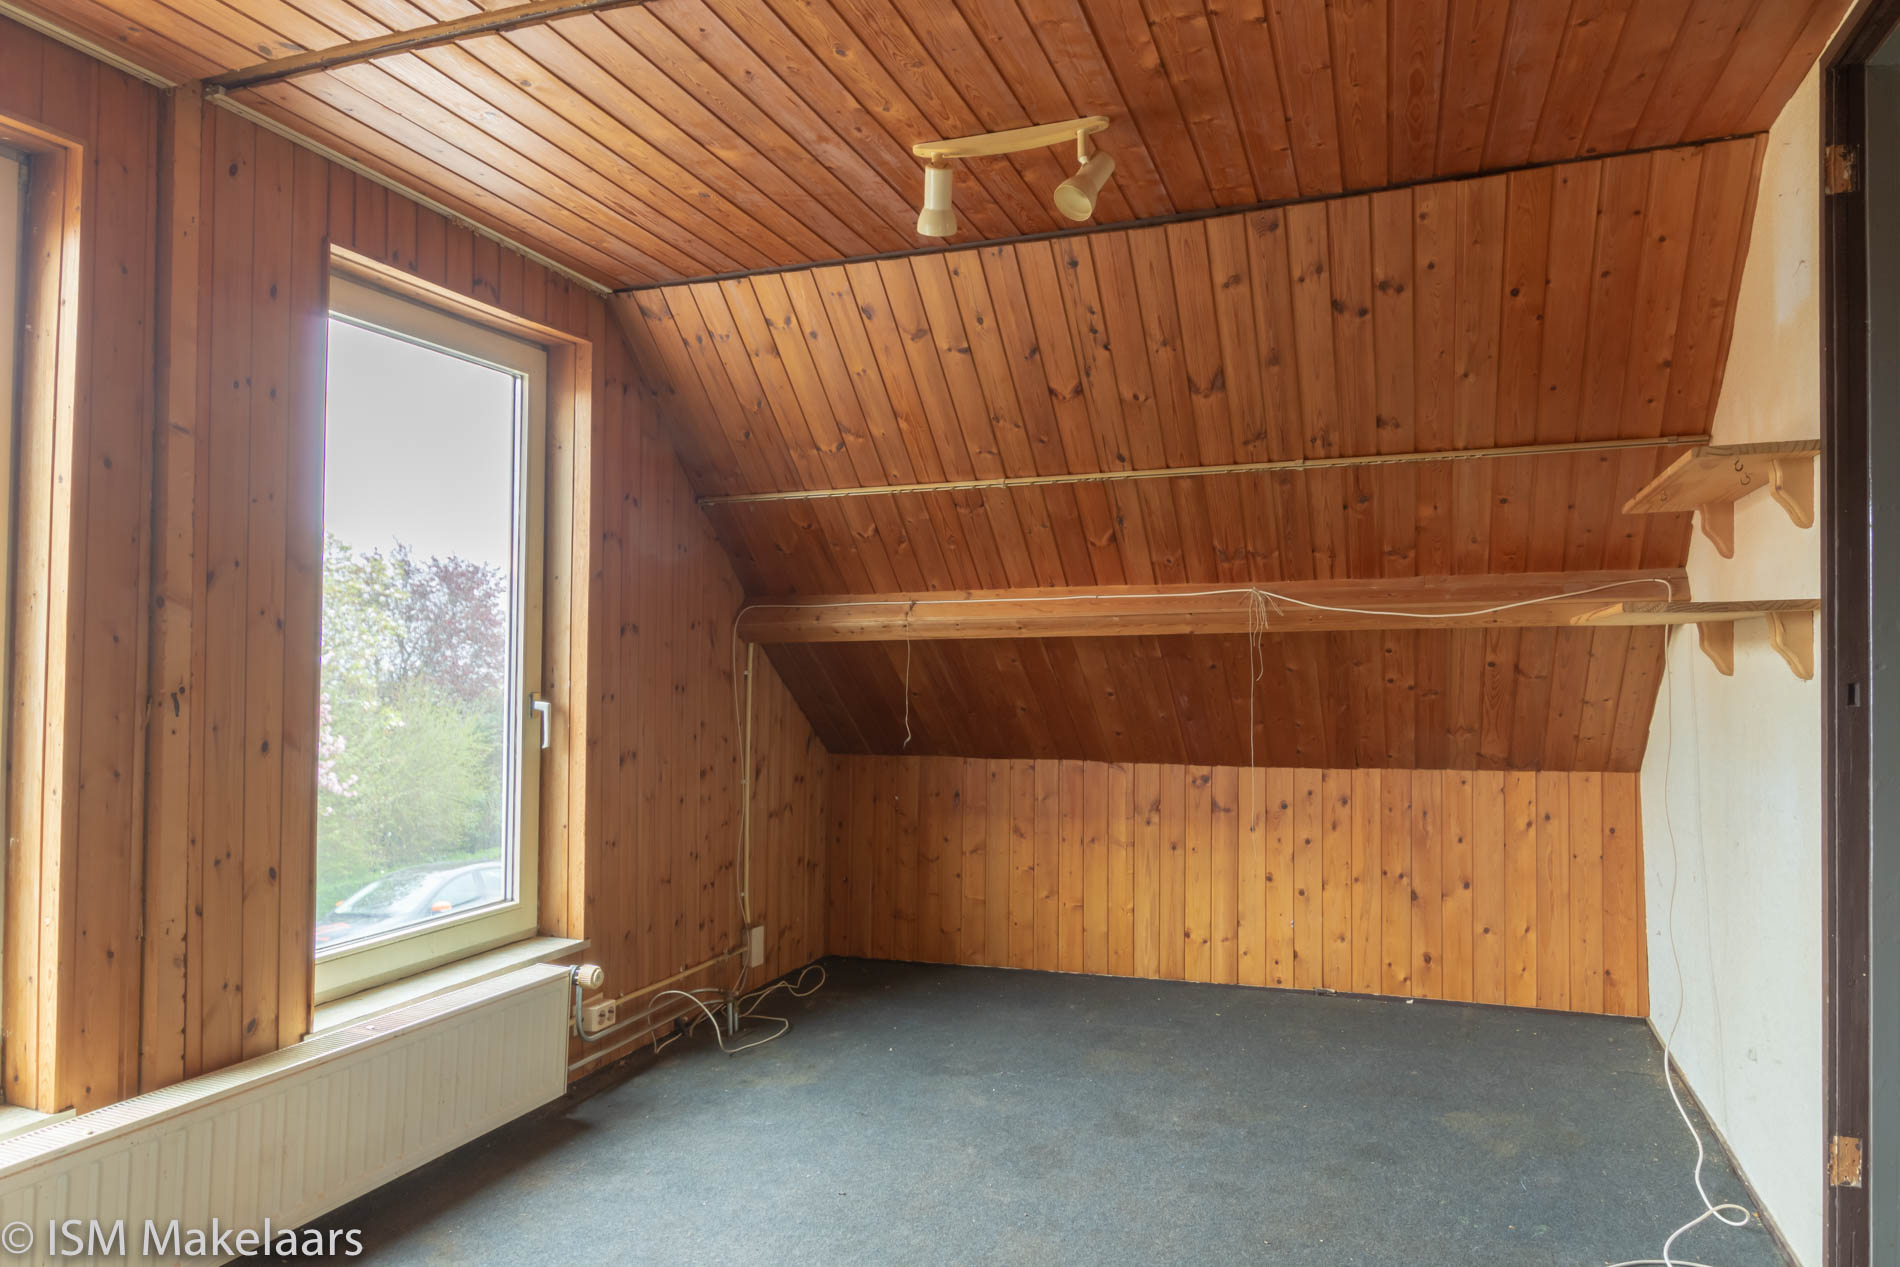 slaapkamer willemsweg 49 schoondijke ism makelaars